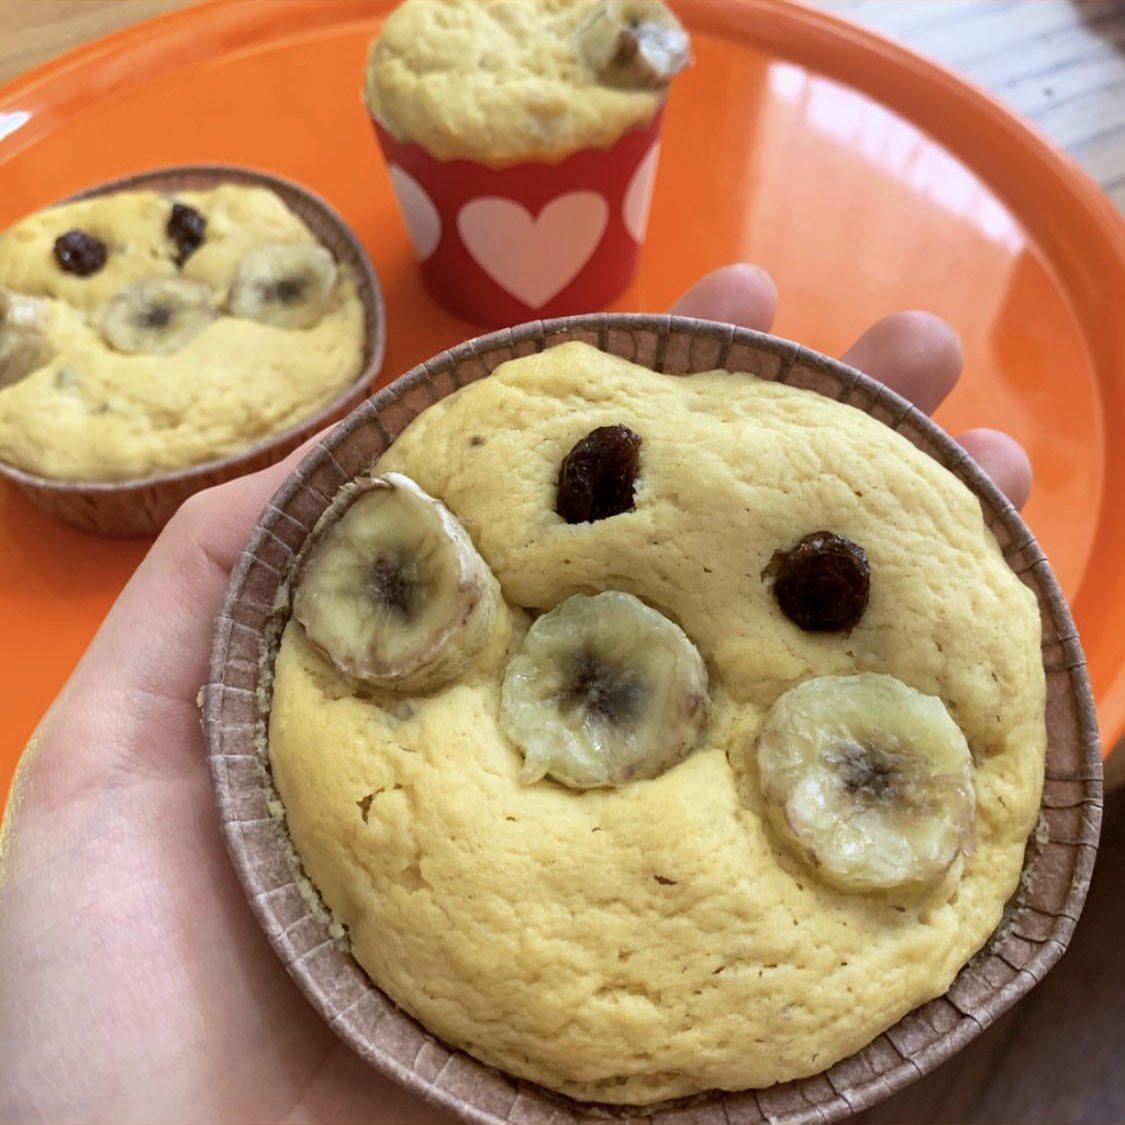 test ツイッターメディア - ・ おからPDでバナナあんぱんまんケーキ!!!笑  アンパンマン体操聞いてたら作りたくなっちゃった😛😛😛  やなせたかしさんてつくづく凄いなぁってアンパンマンて深いなって素敵だなって  なんか今日はアンパンマンにすごく幸せなパワー貰ってる😊💓  #アンパンマン #やなせたかし #低糖質 https://t.co/RBThd1Nalf